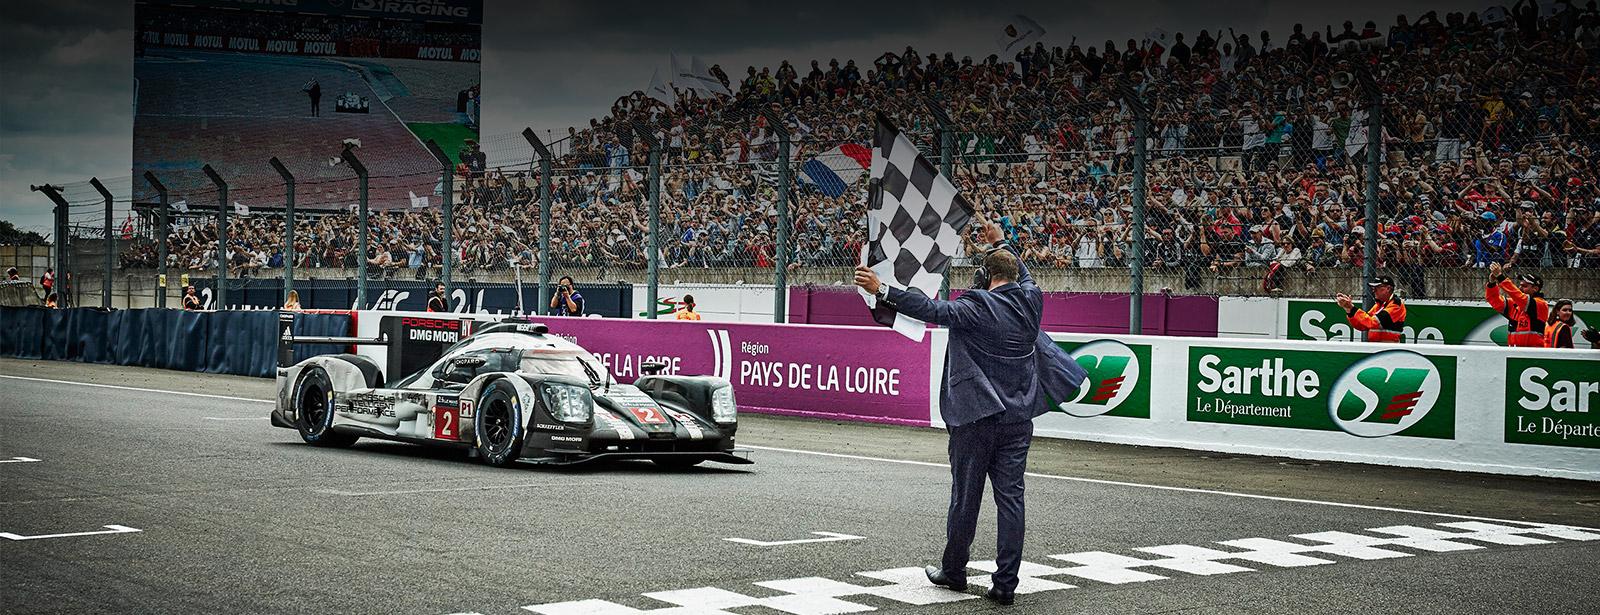 24H Le Mans.